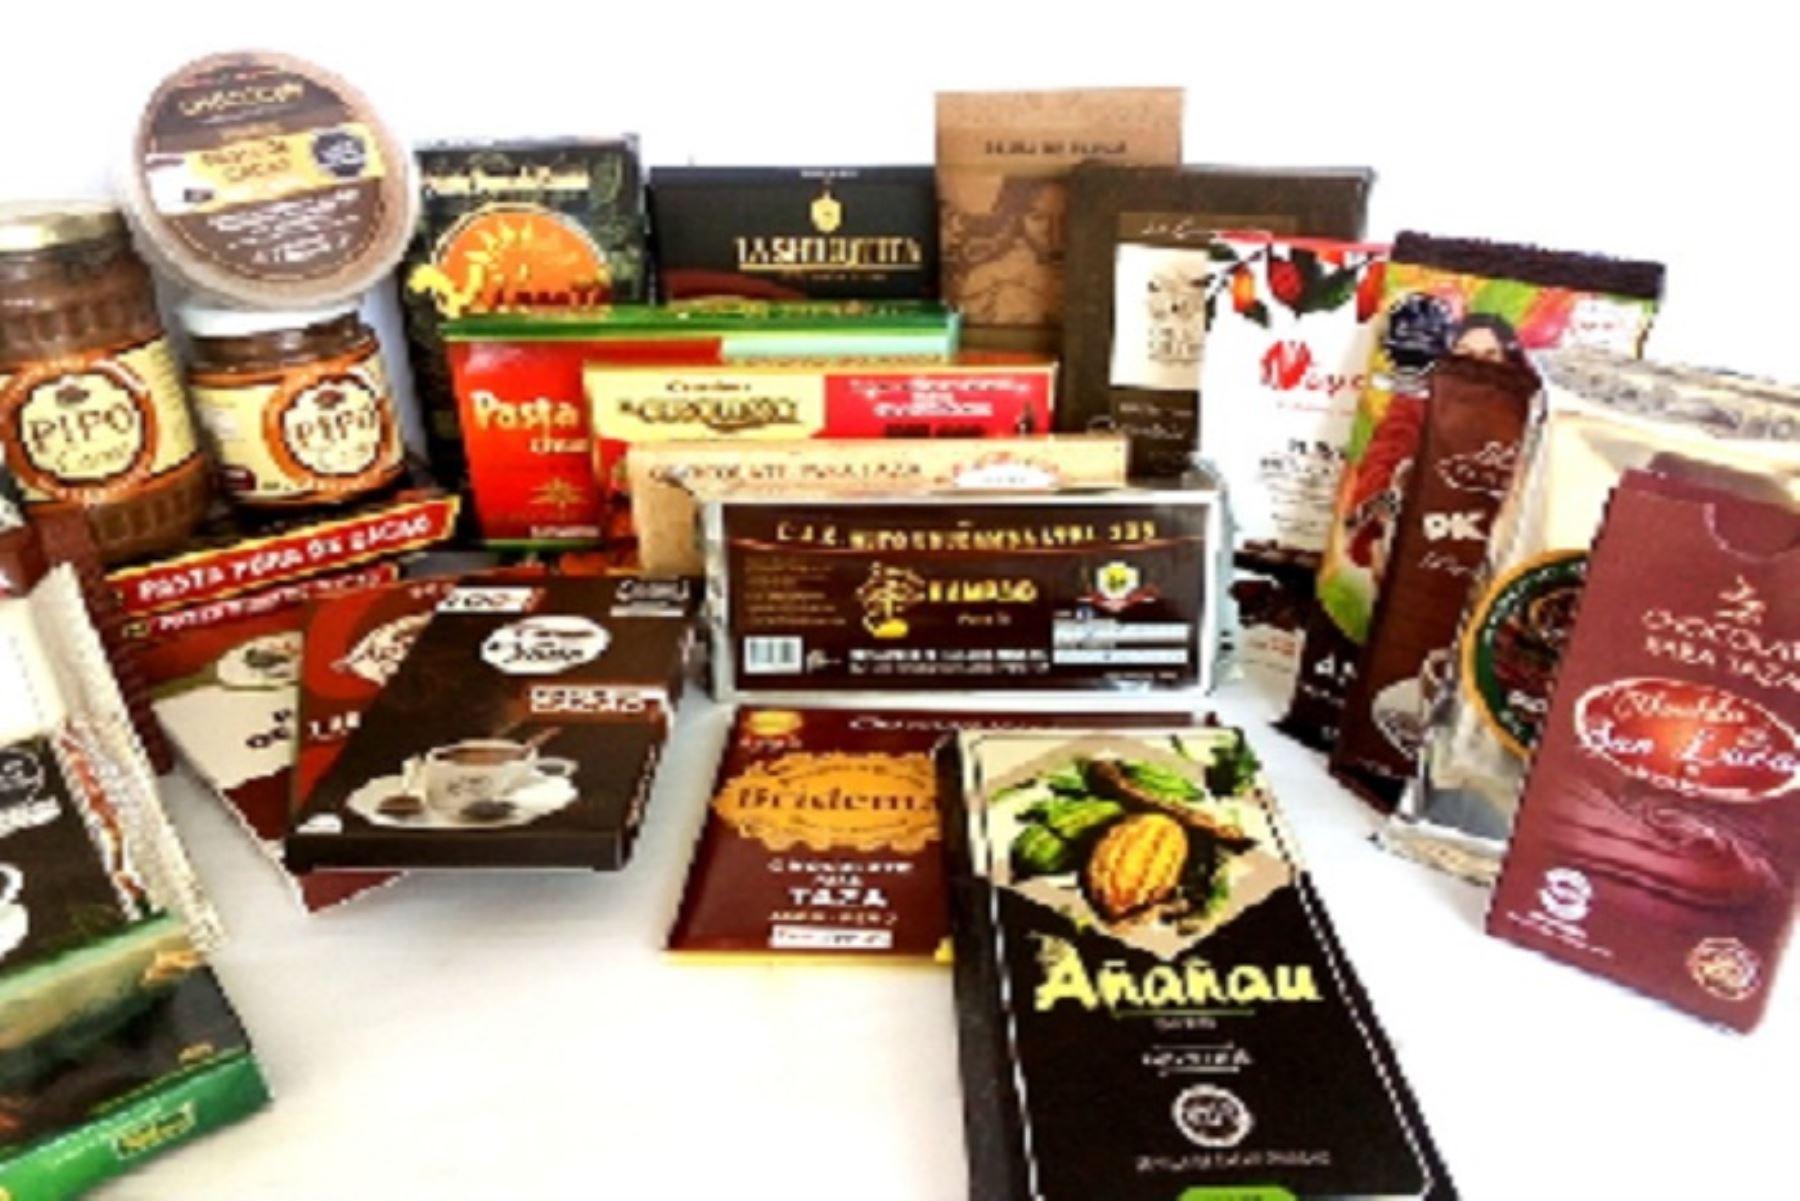 Los interesados pueden adquirir virtualmente estos productos mediante la plataforma del Salón del Cacao y Chocolate 2020.